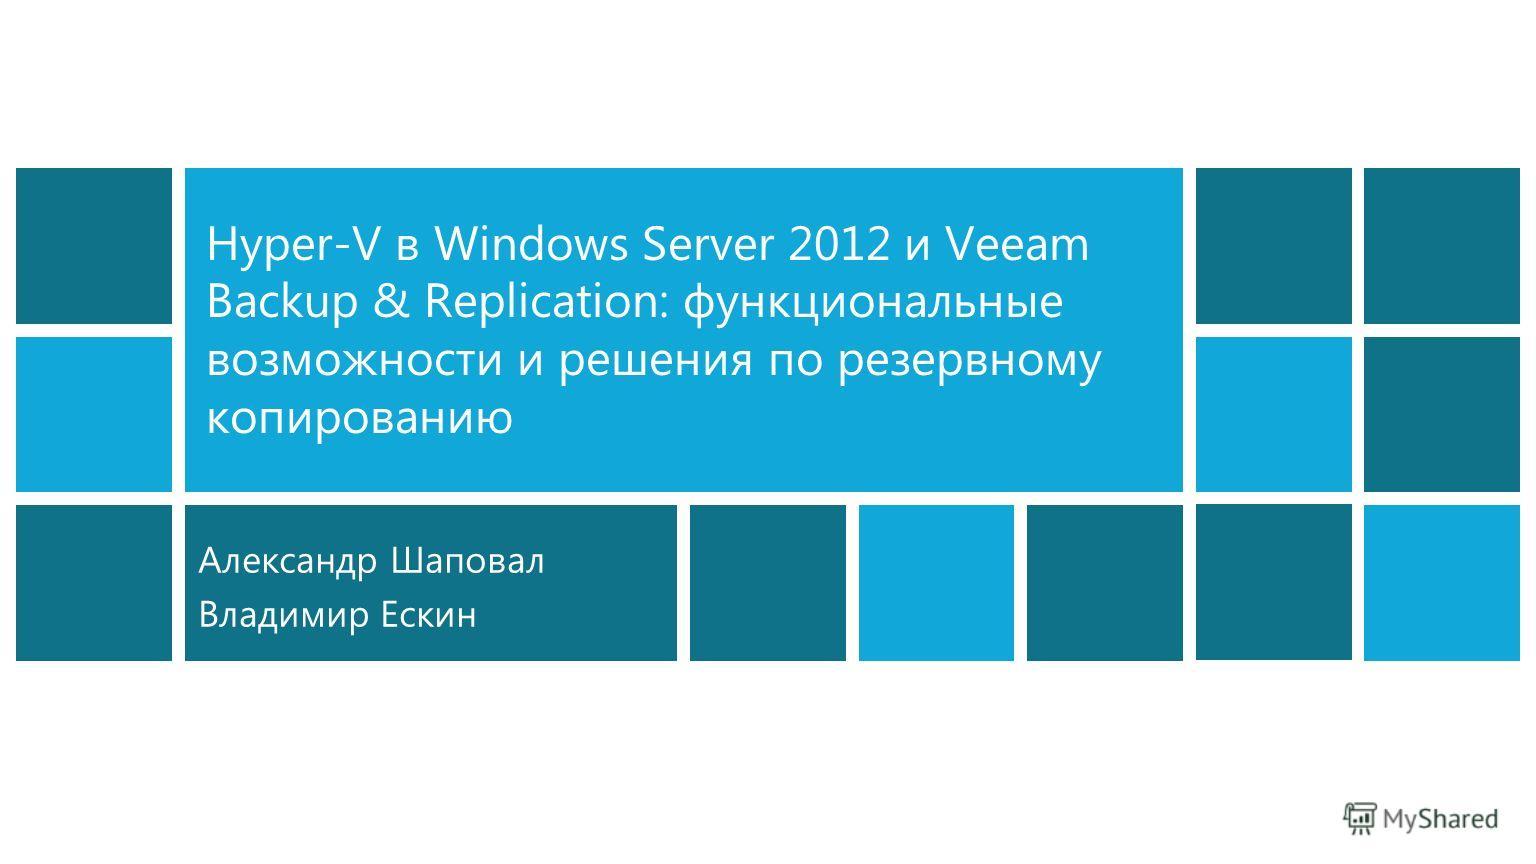 Hyper-V в Windows Server 2012 и Veeam Backup & Replication: функциональные возможности и решения по резервному копированию Александр Шаповал Владимир Ескин